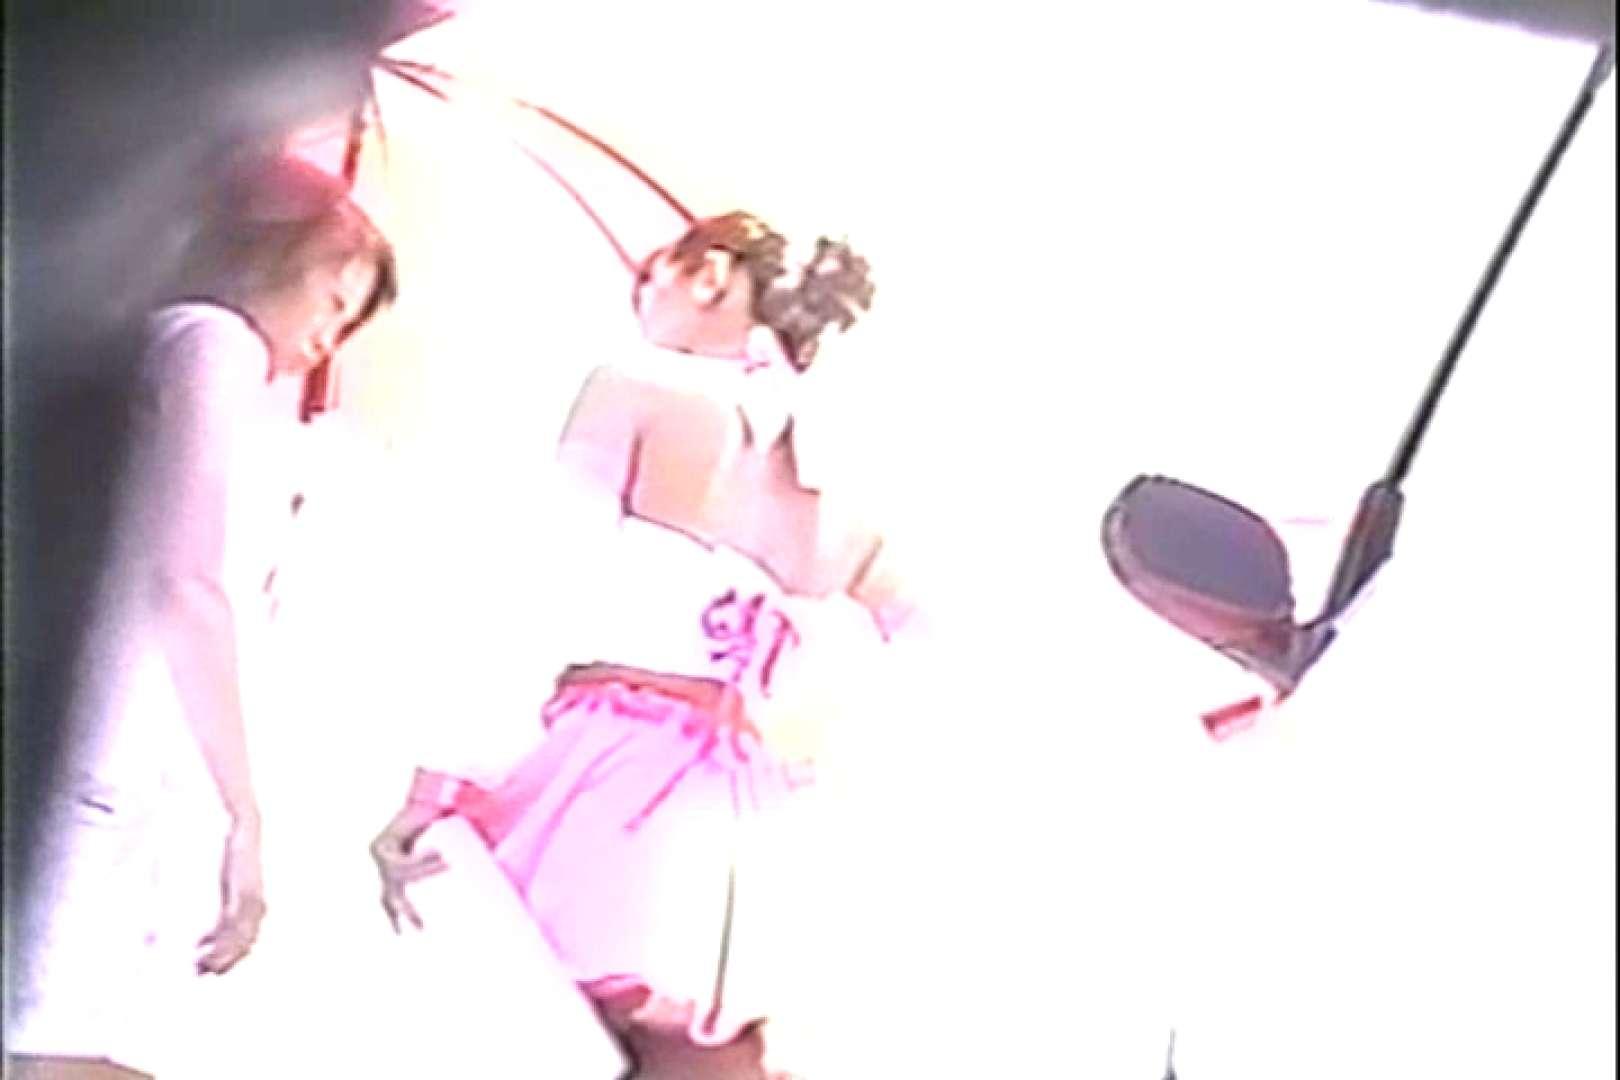 「ちくりん」さんのオリジナル未編集パンチラVol.3_01 レースクイーンエロ画像 盗撮アダルト動画キャプチャ 63PICs 5